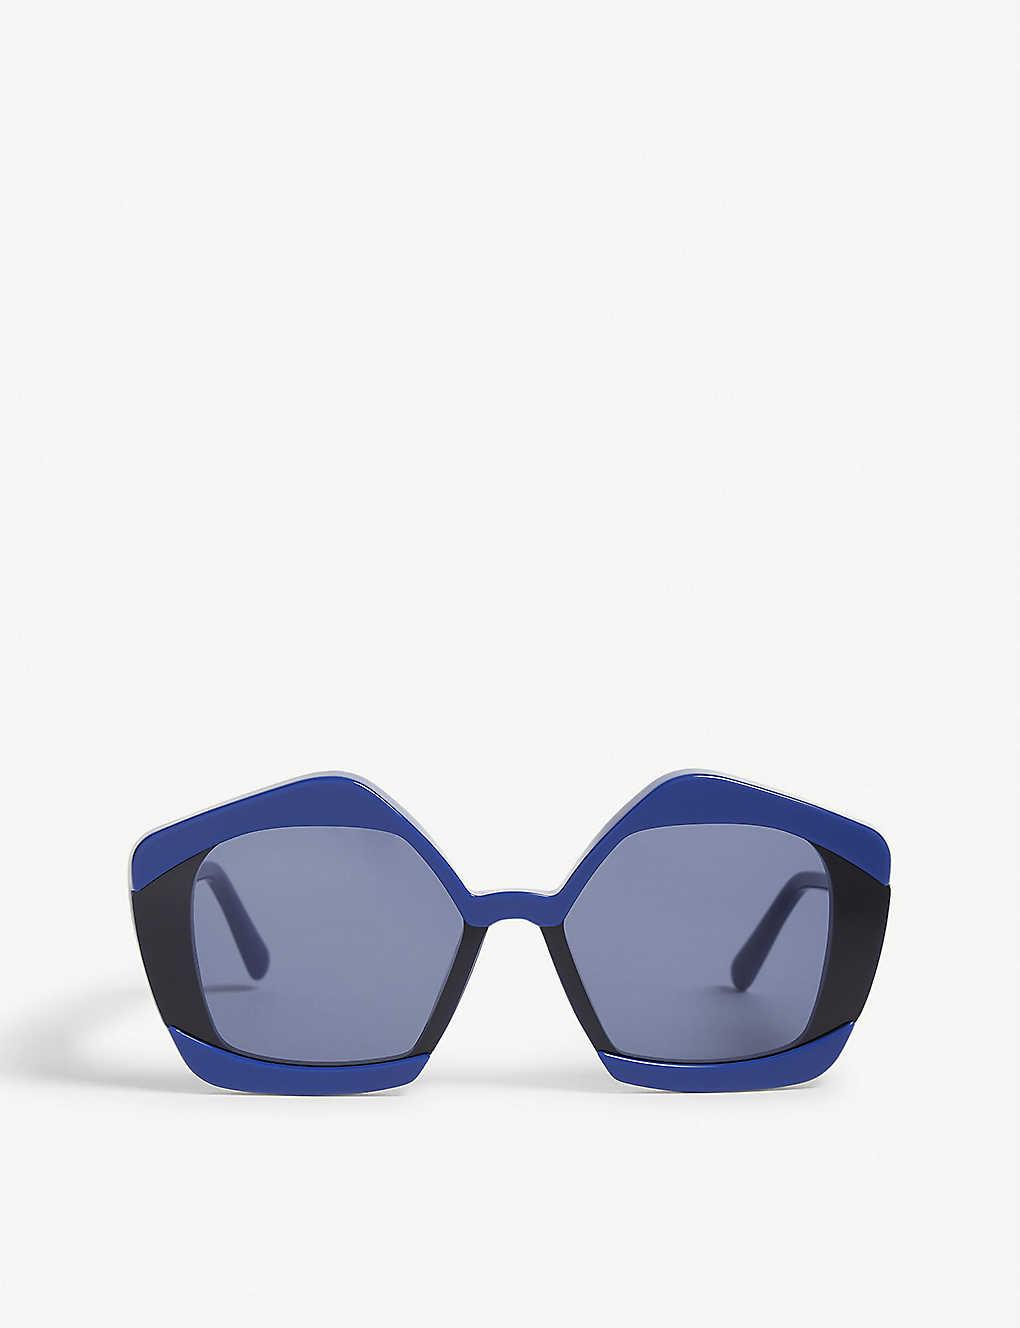 Marni Sunglasses ME636S irregular-frame sunglasses